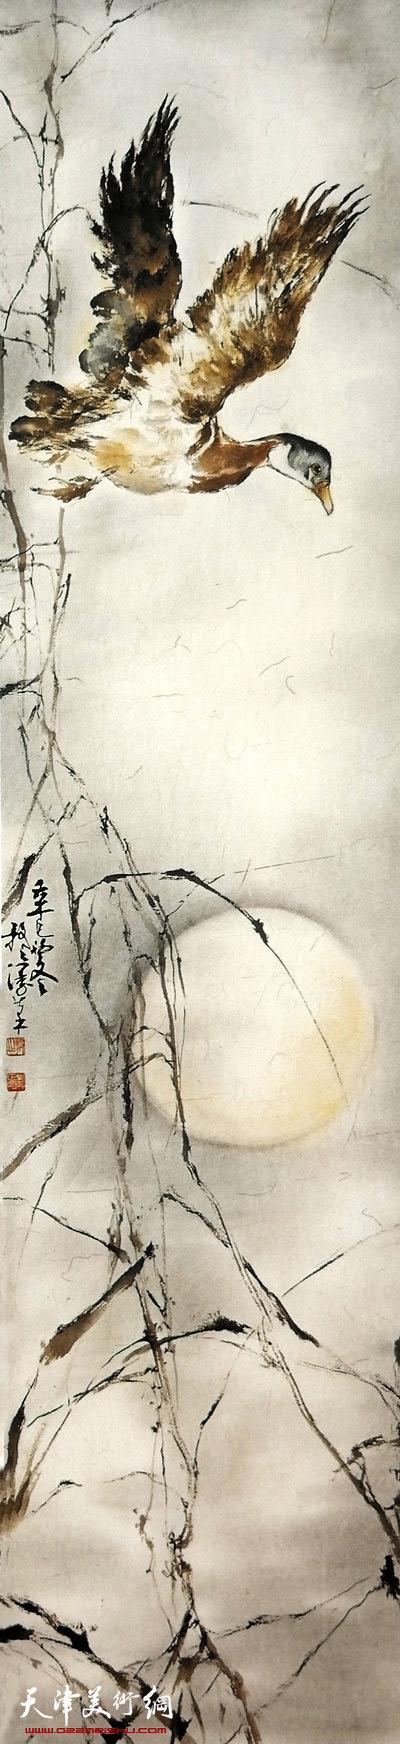 刘正明作品:《飞鸭》